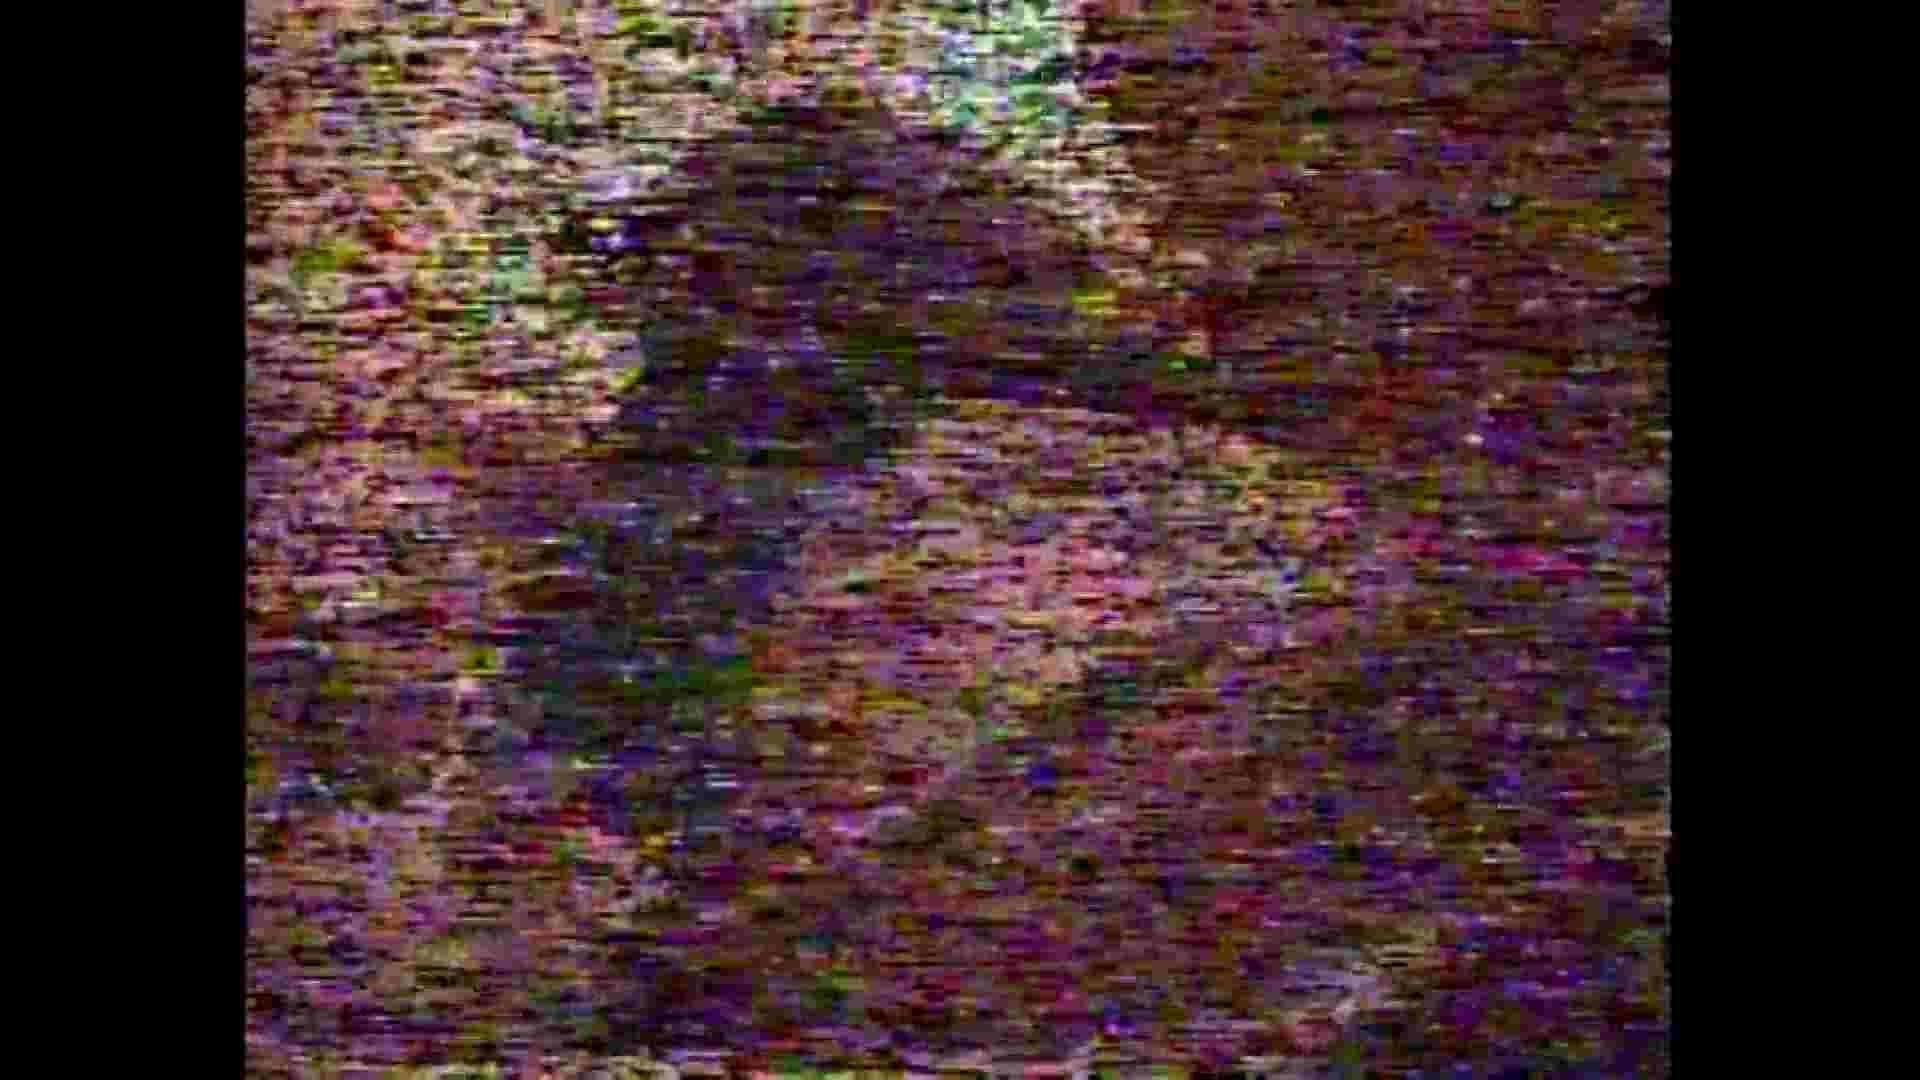 レース場での秘め事 Vol.05 洗面所  66PIX 44